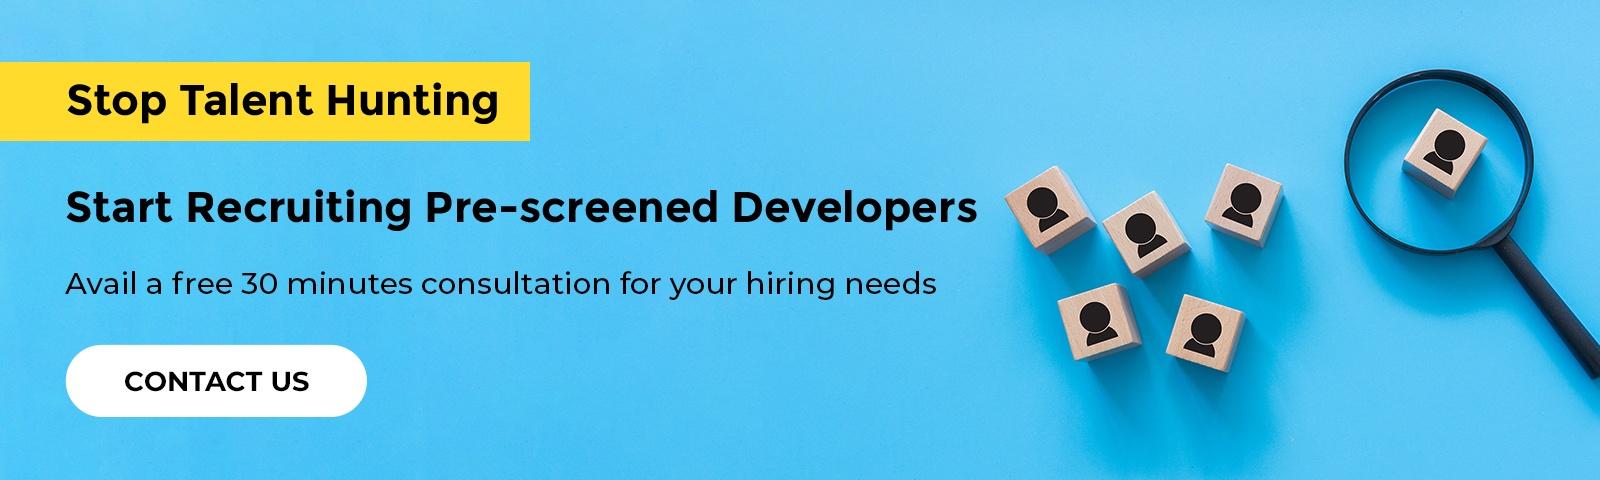 UTC Stop Talent Hunting